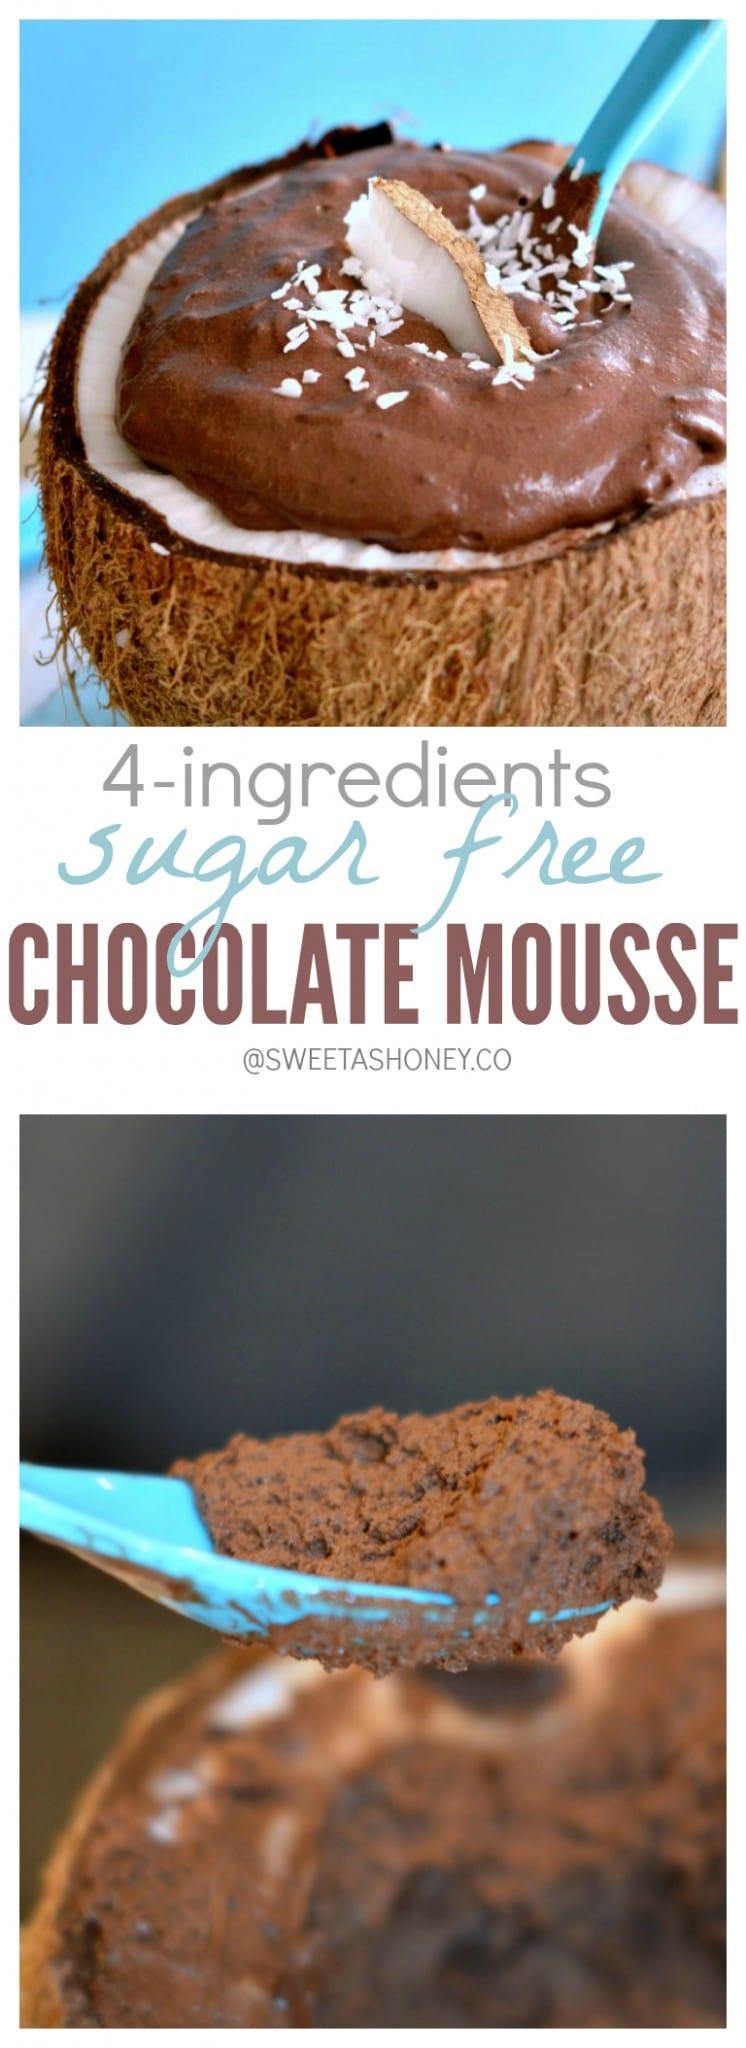 Sugar free chocolate mousse - Sweetashoney